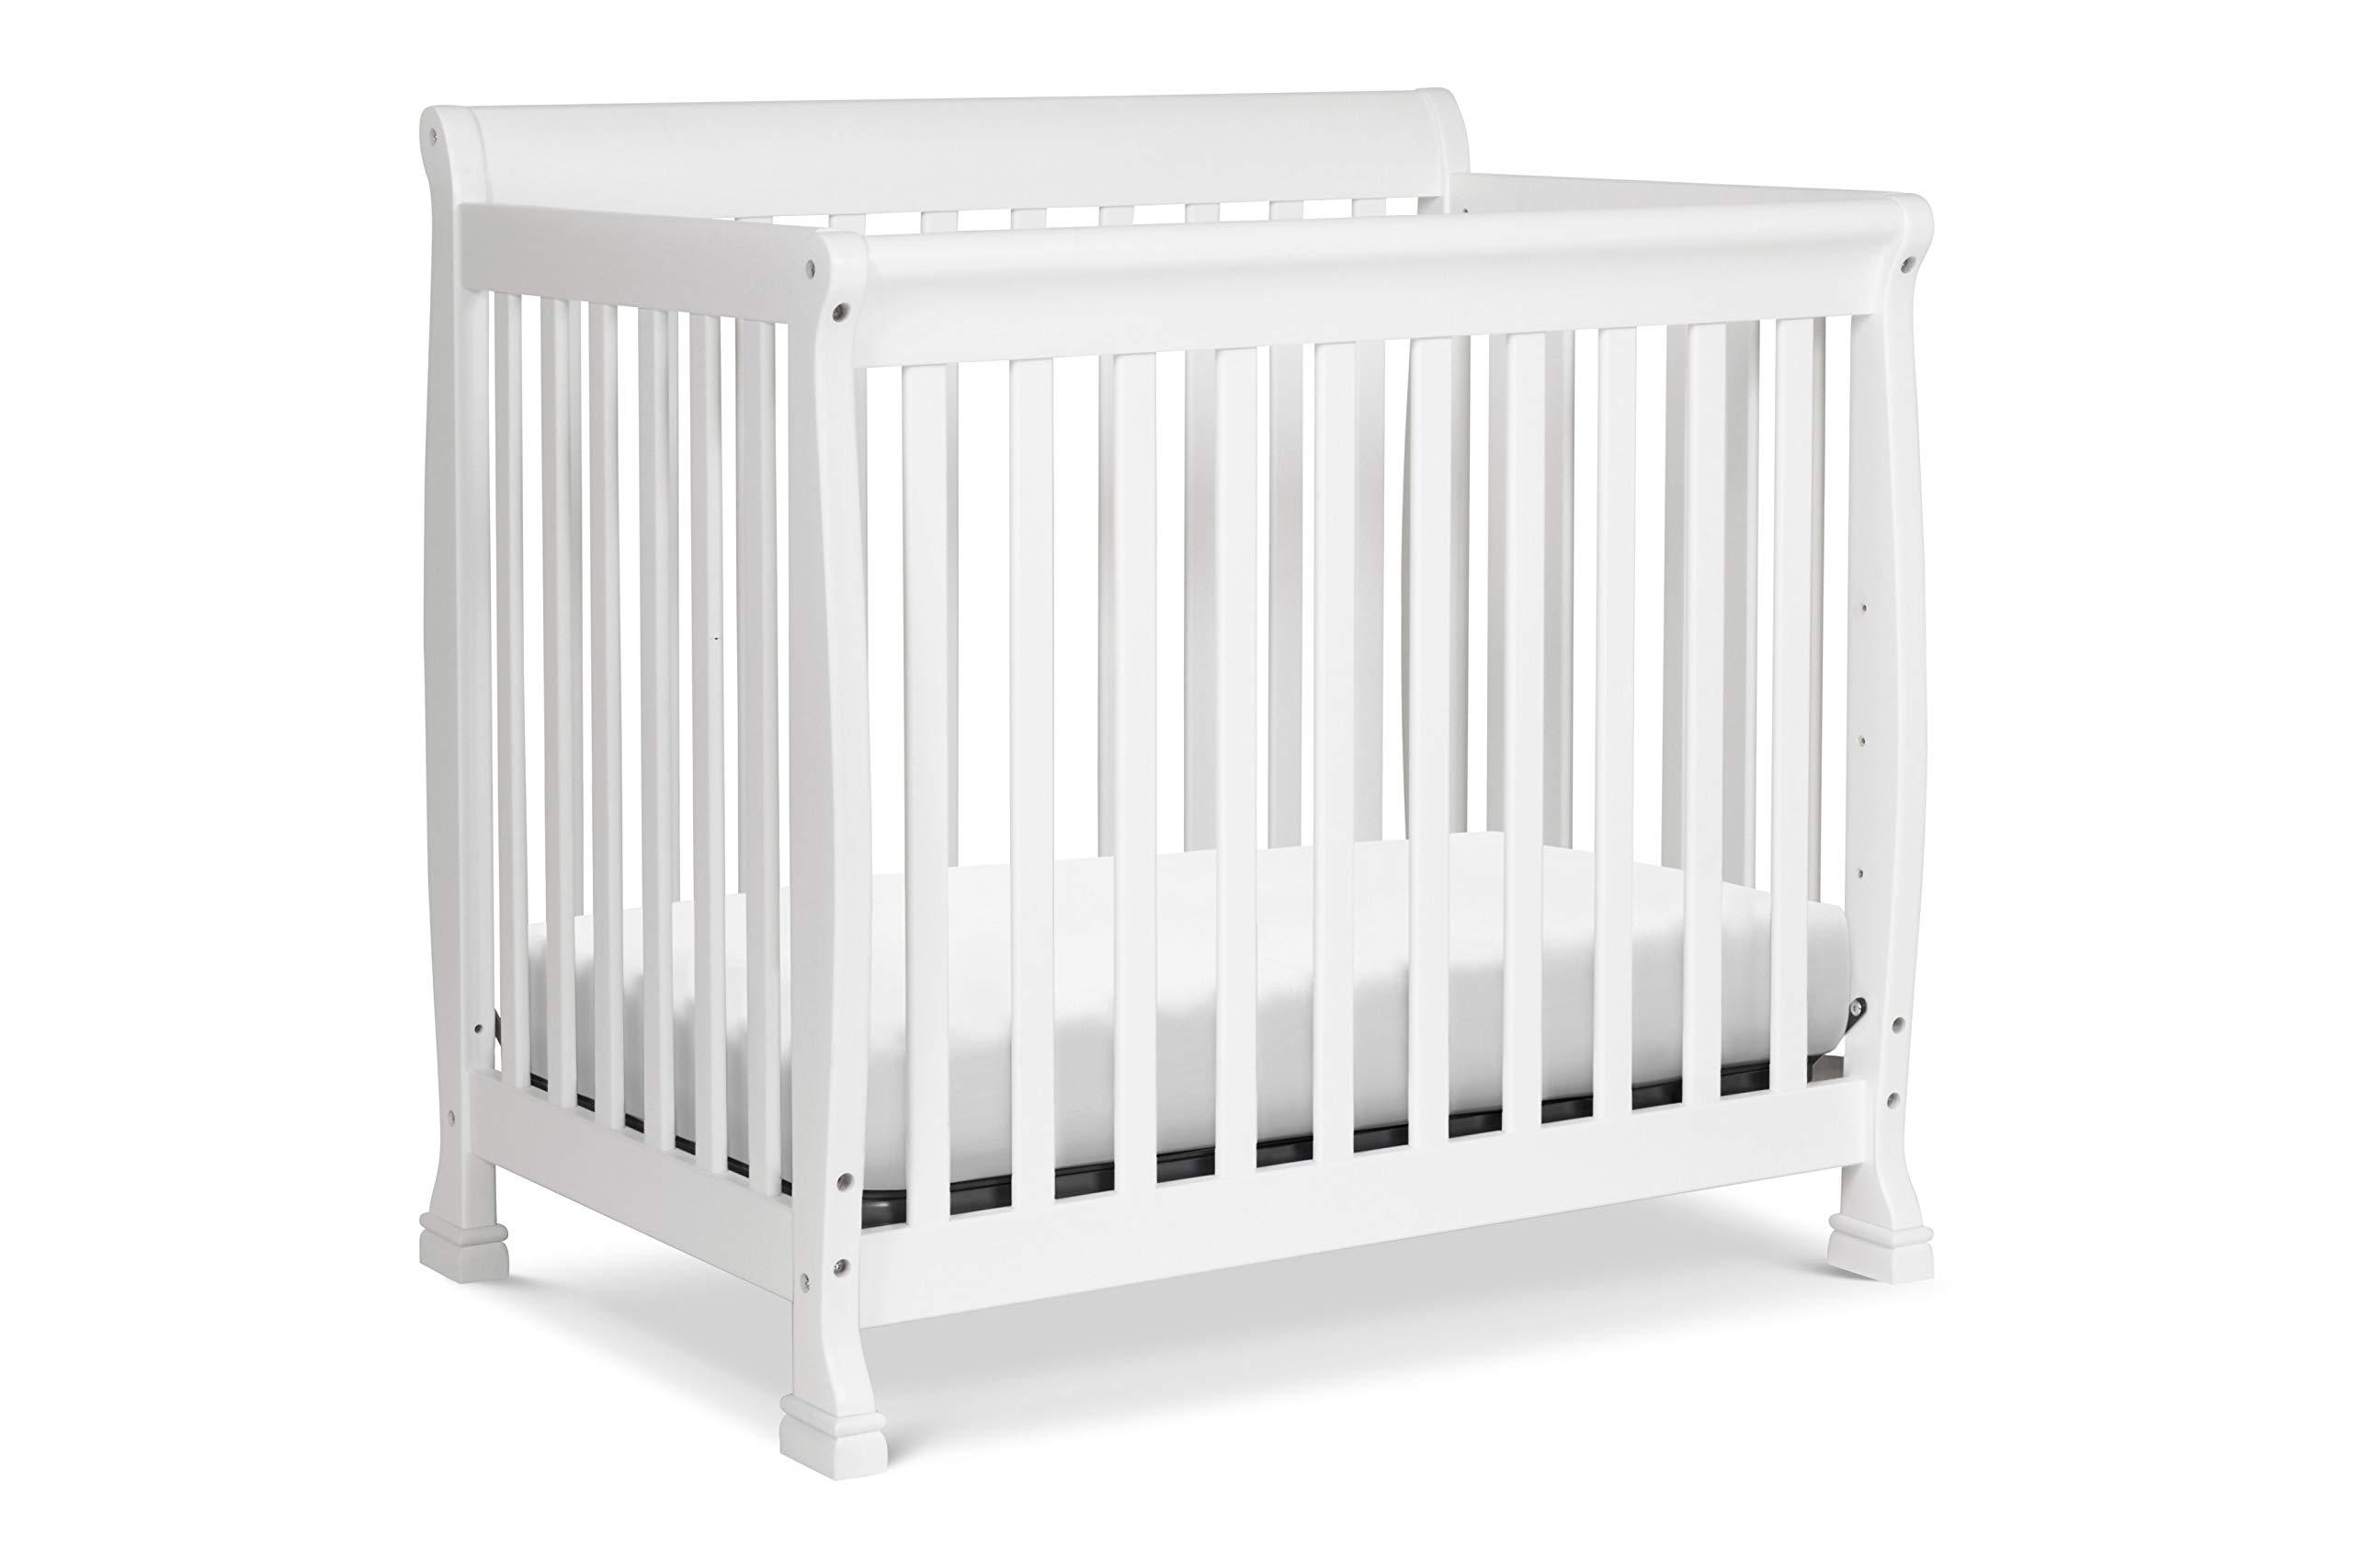 Davinci Mini Crib Twin Bed Low Profile Non Toxic Pine Wood